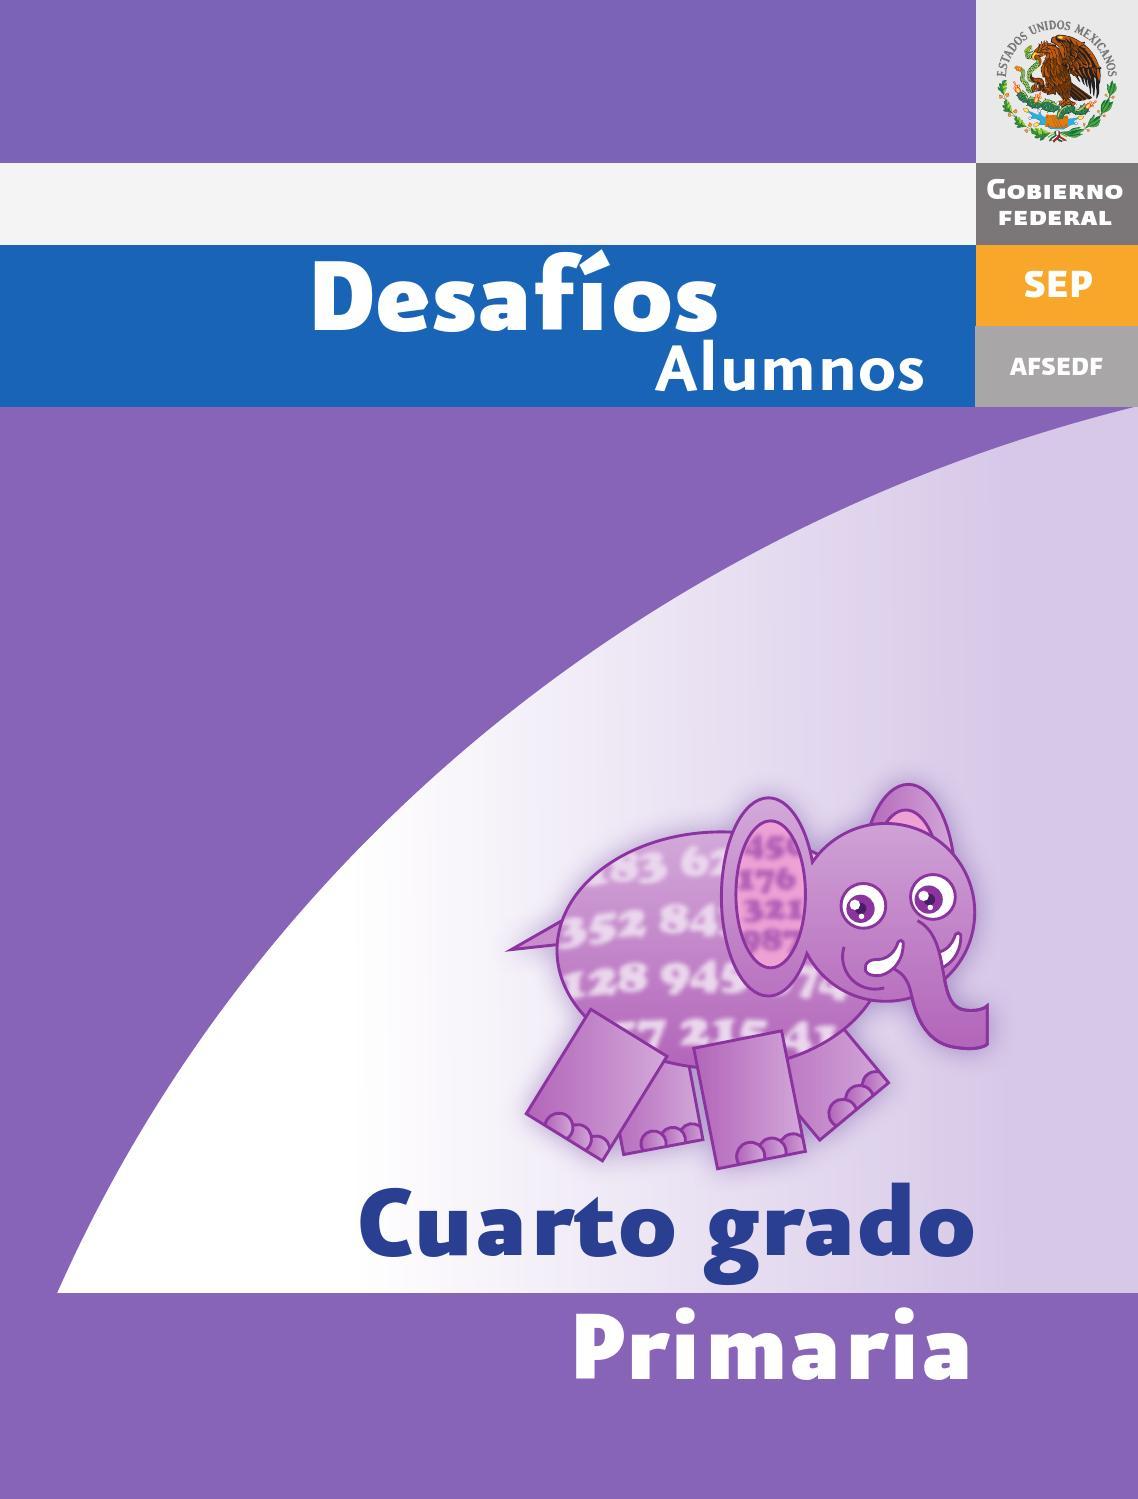 Desafios matematicos alumnos 4º cuarto grado primaria by GINES ...